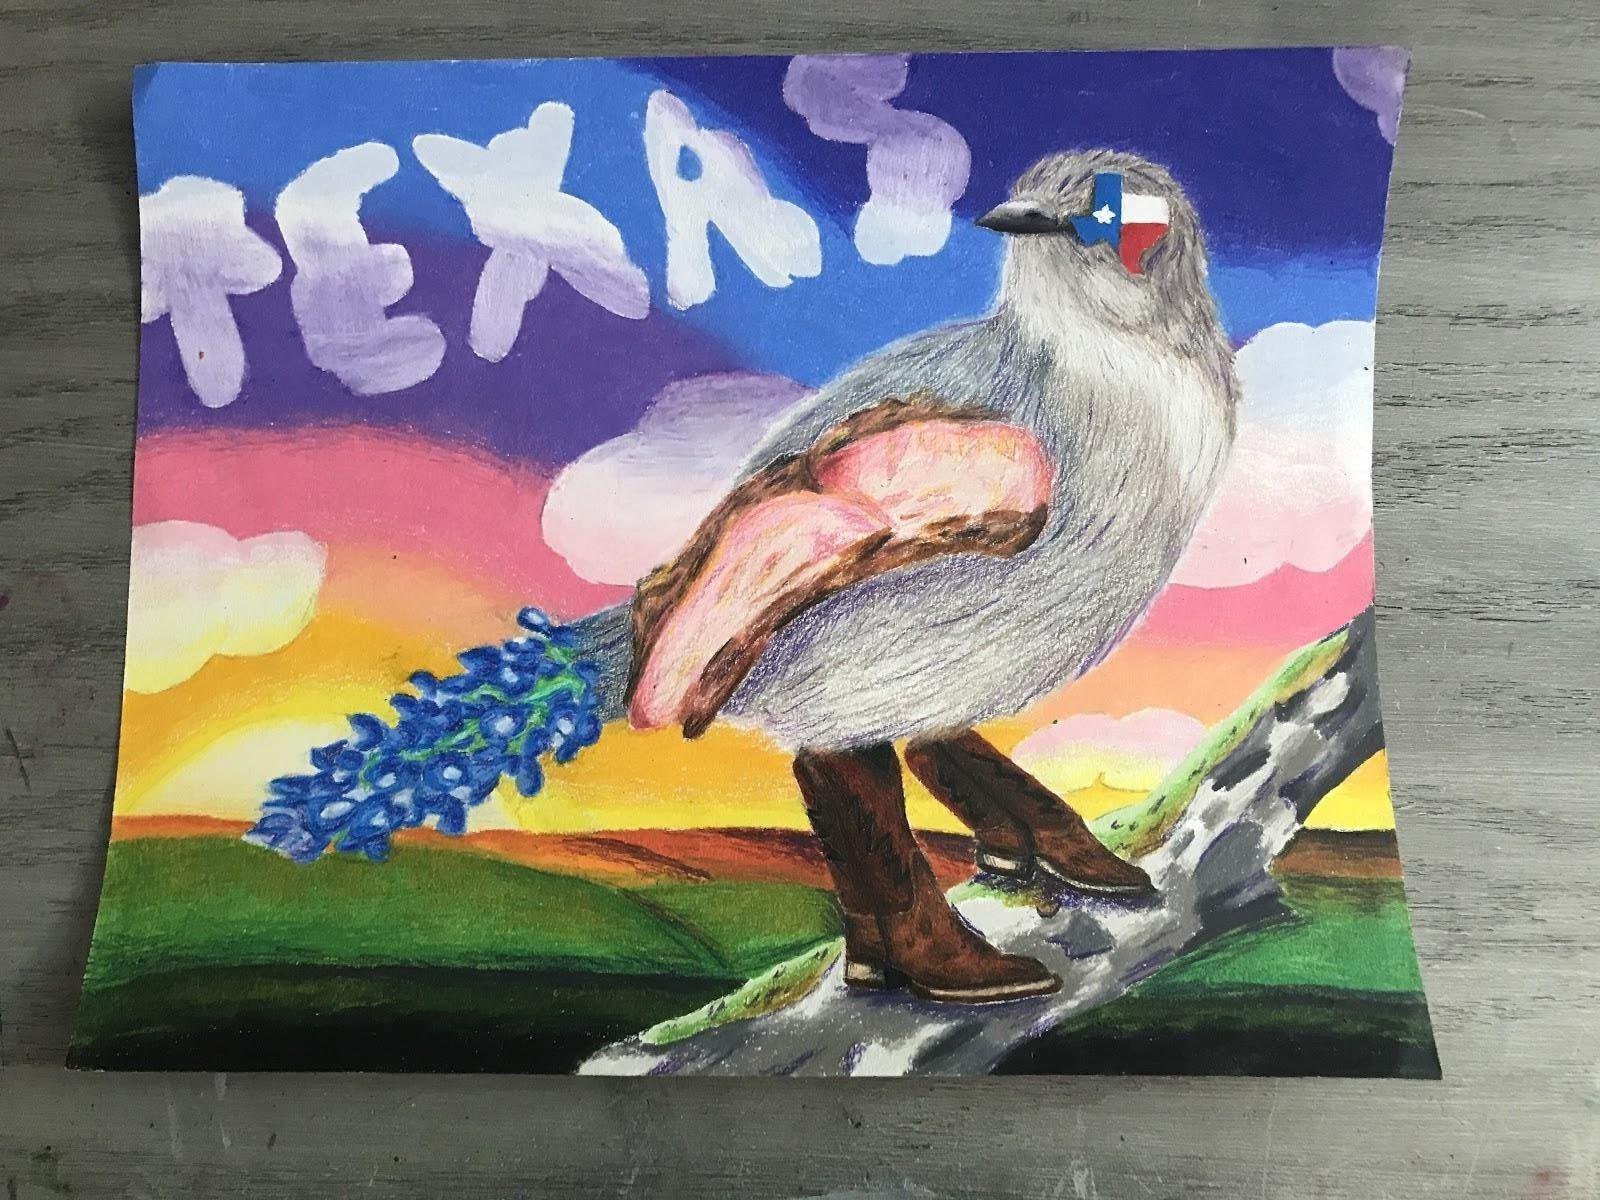 Texas Bird